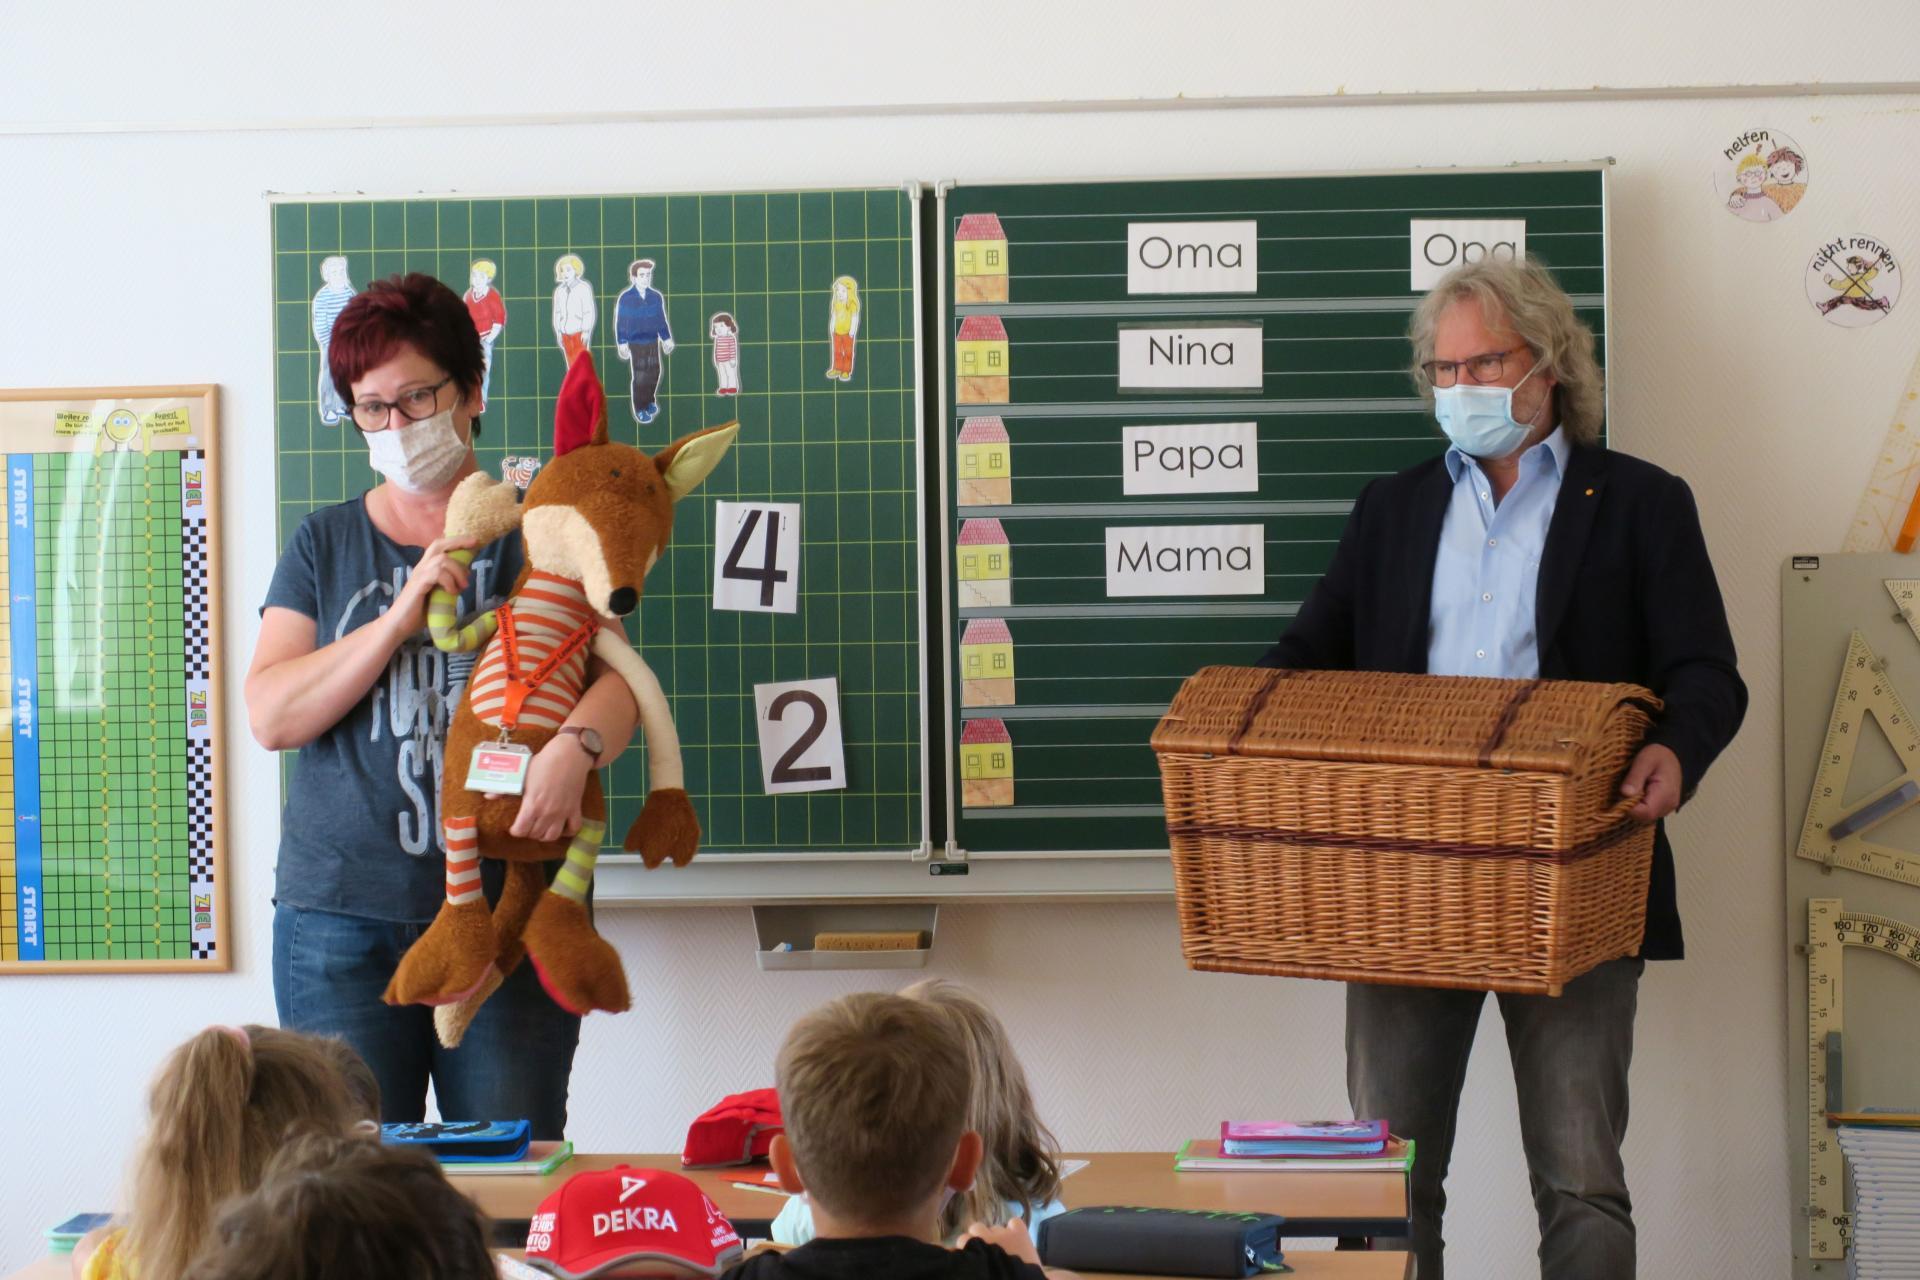 Bürgermeister Werner Suchner und Bibliotheks-Chefin Steffi Clemens besuchten die Calauer Erstklässler am ersten Schultag. Neben dem Calauer Lesefuchs hatten sie Gutscheine für eine Mitgliedschaft in der Stadtbibliothek im Gepäck.